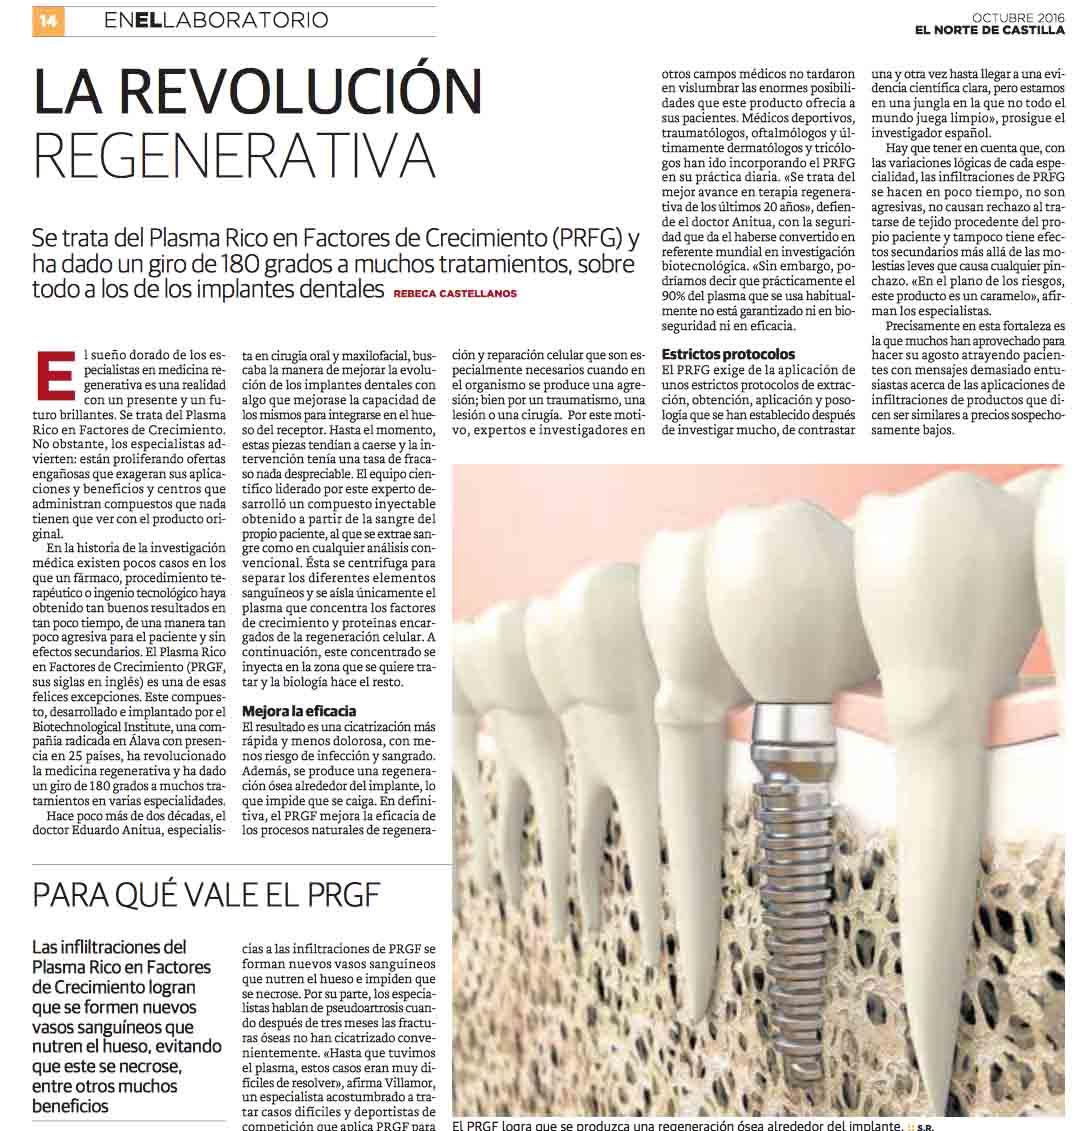 Terapia biológica, sin duda una revolución regenerativa en medicina